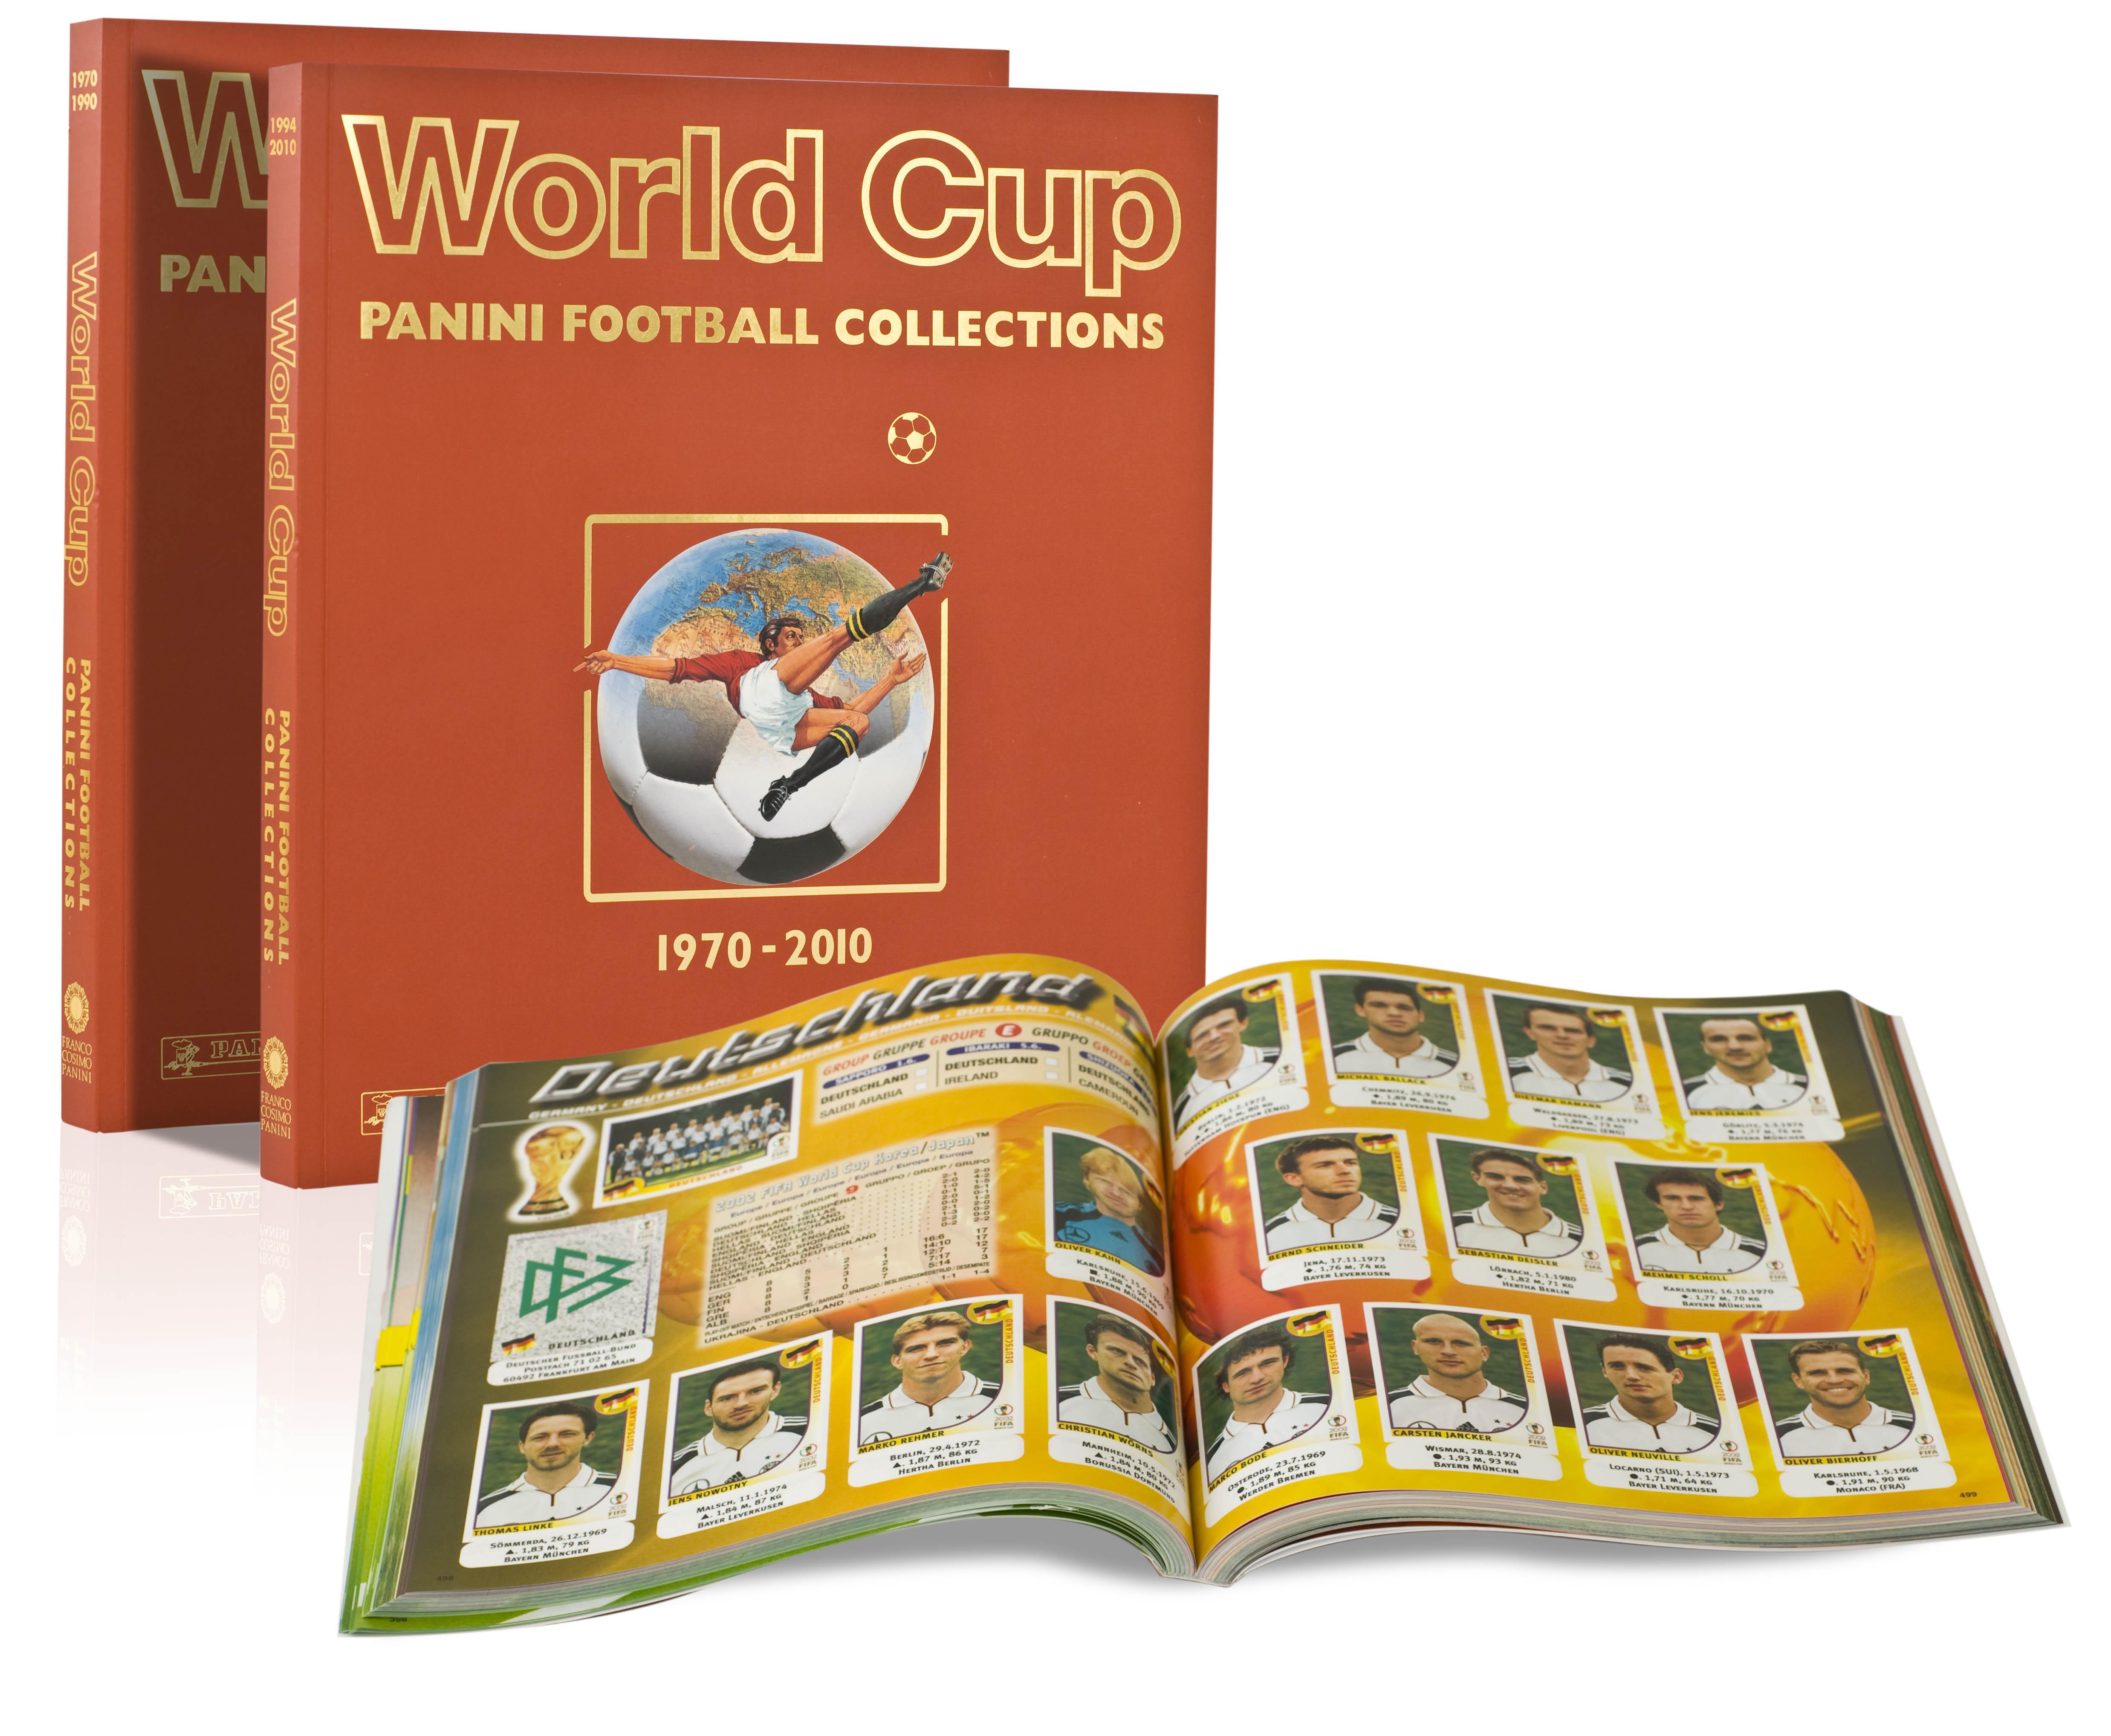 Foto Libro Mundial nota_DSC0014